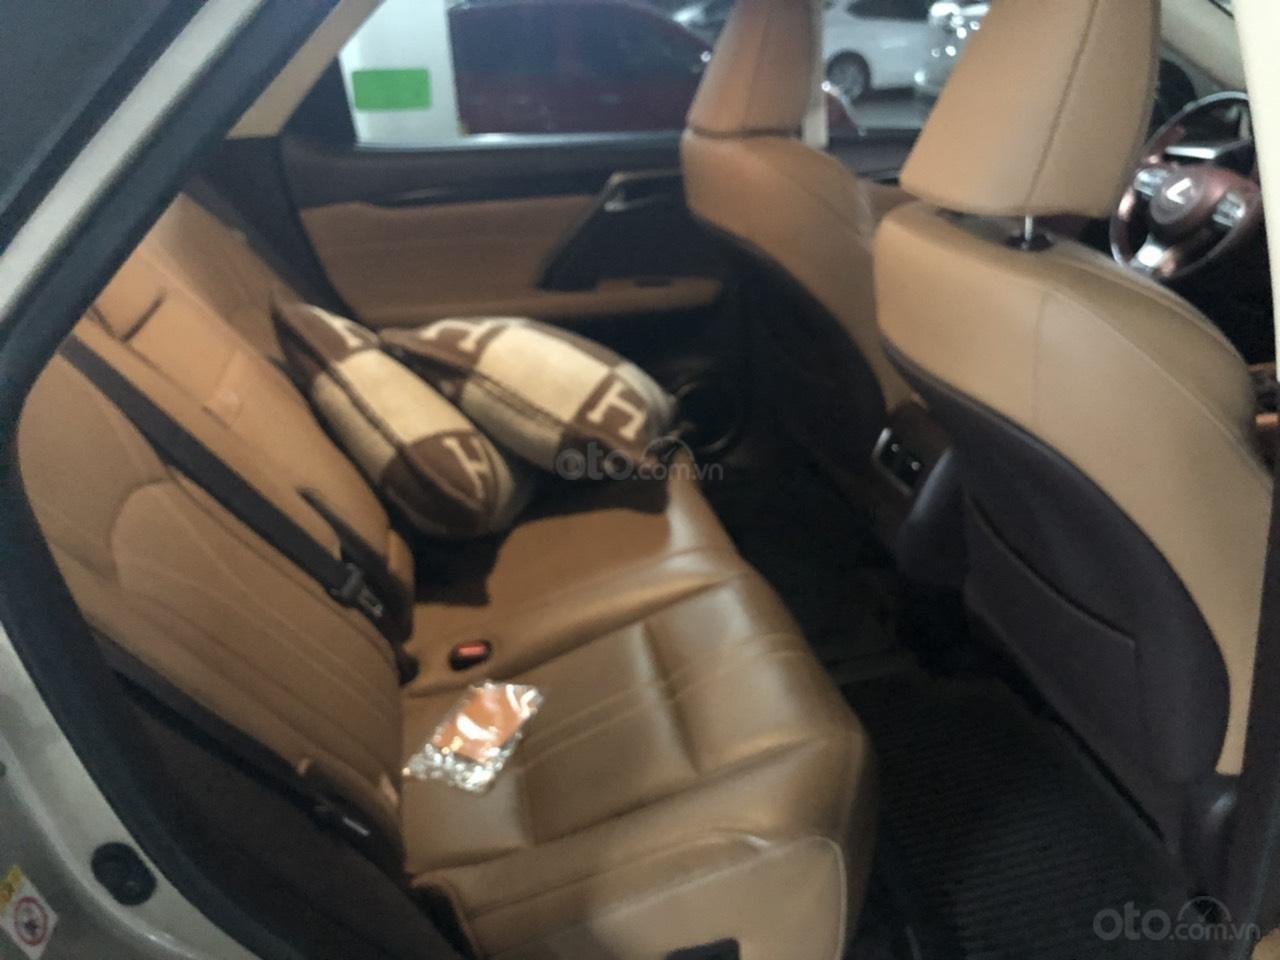 Bán xe Lexus RX 200t sản xuất 2016, màu vàng, xe nhập, chính chủ sử dụng (5)